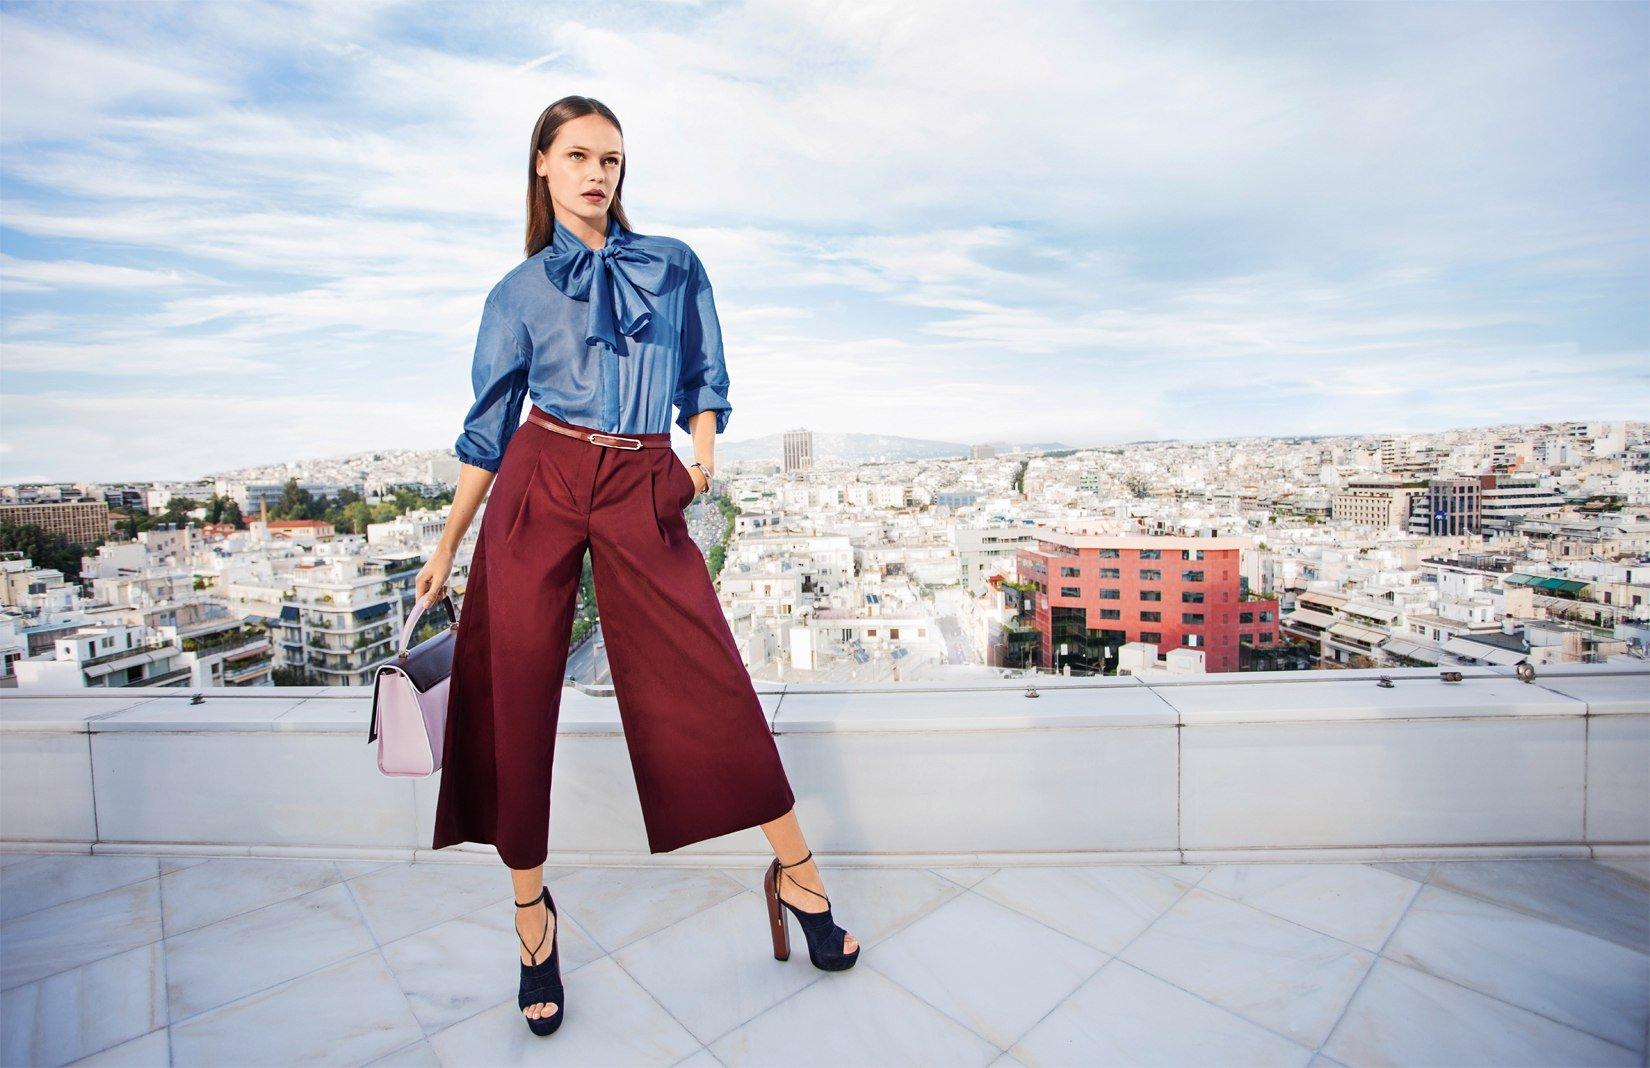 Смотреть С чем носить укороченные брюки: как избежать ошибок в создании модного образа видео